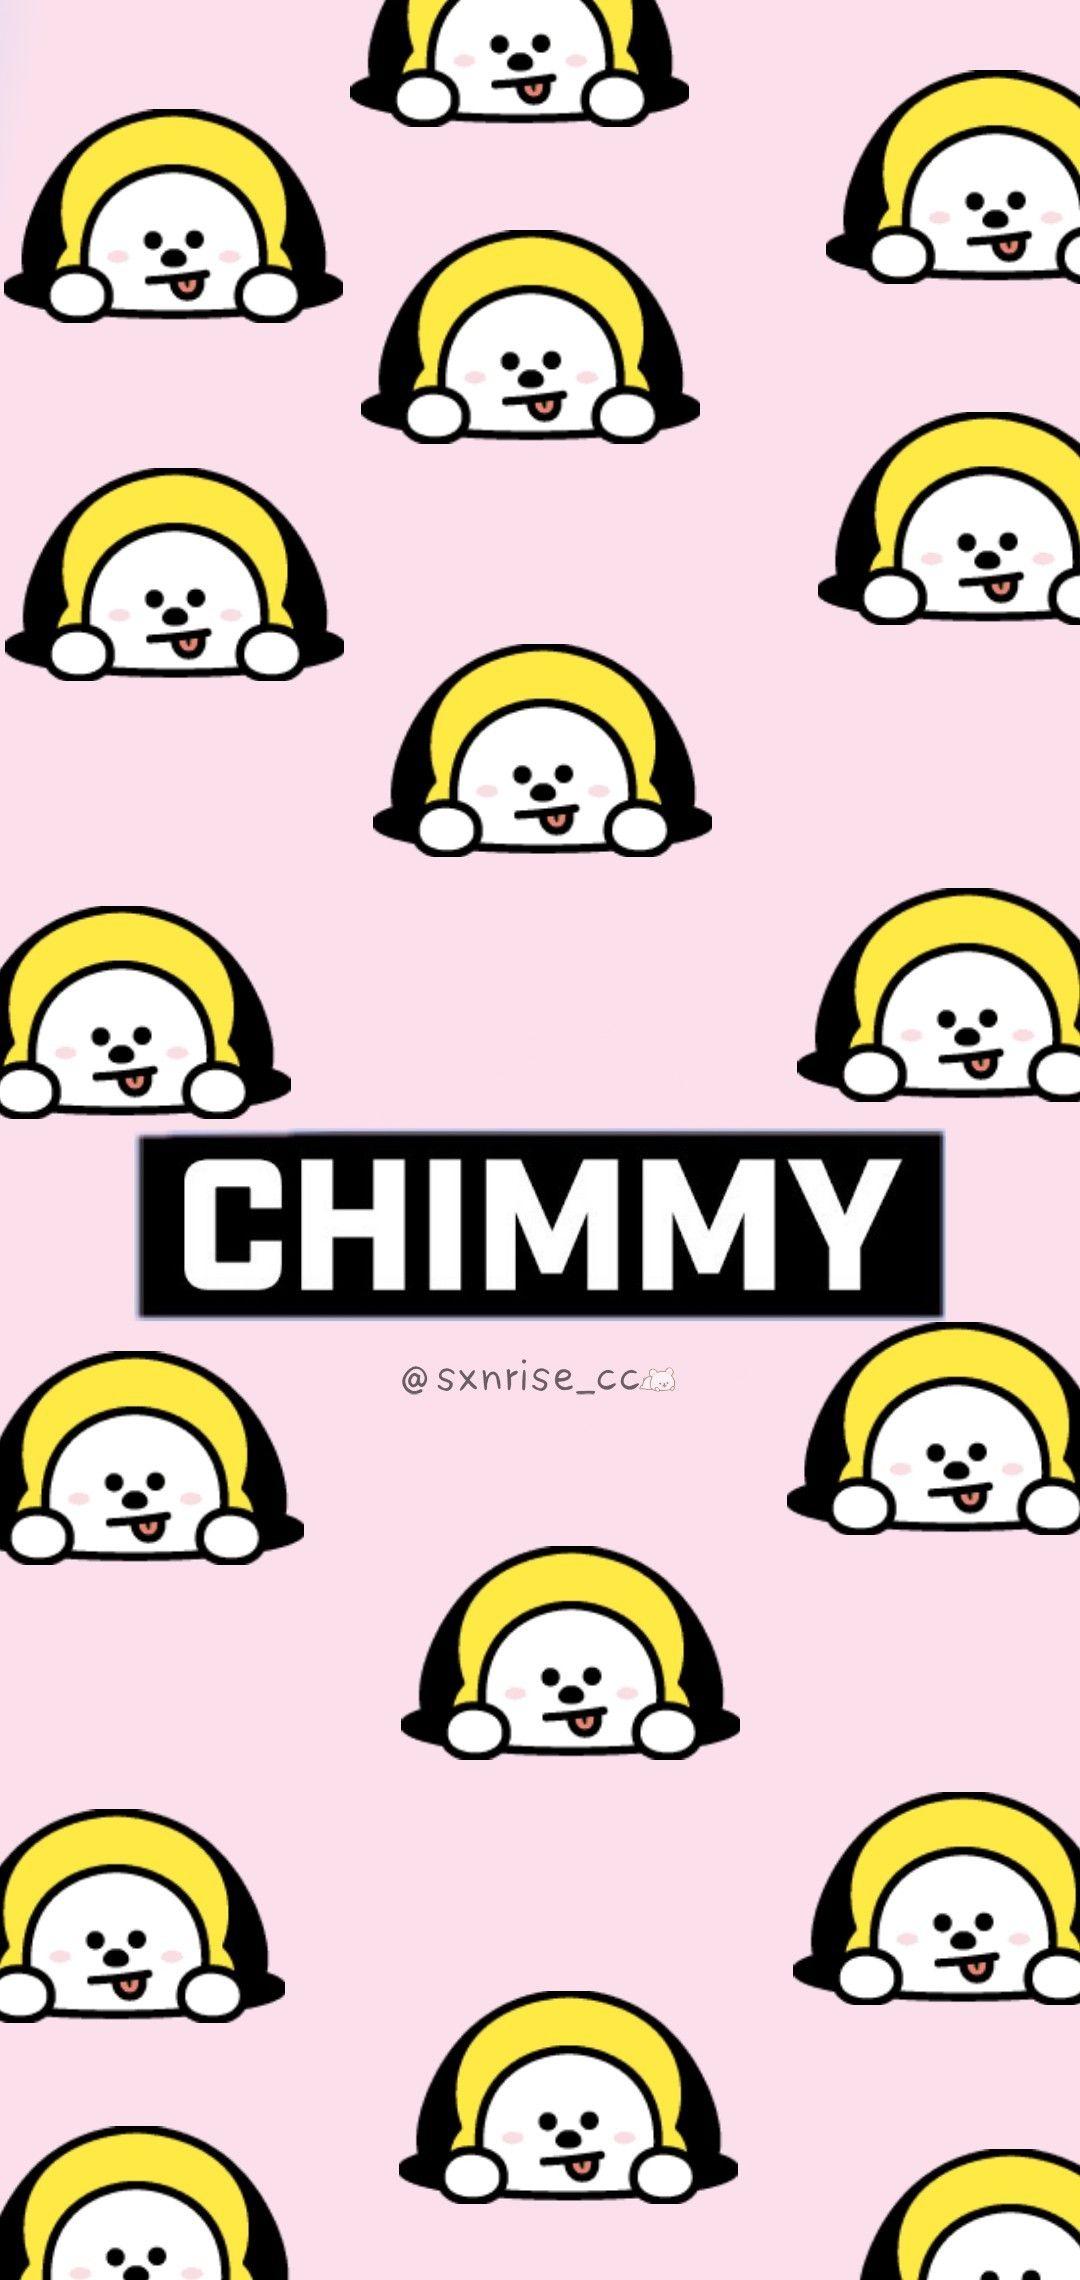 Bt21 Bts Chimmy Kpop Wallpaper Iphonex Cool Dogyellow